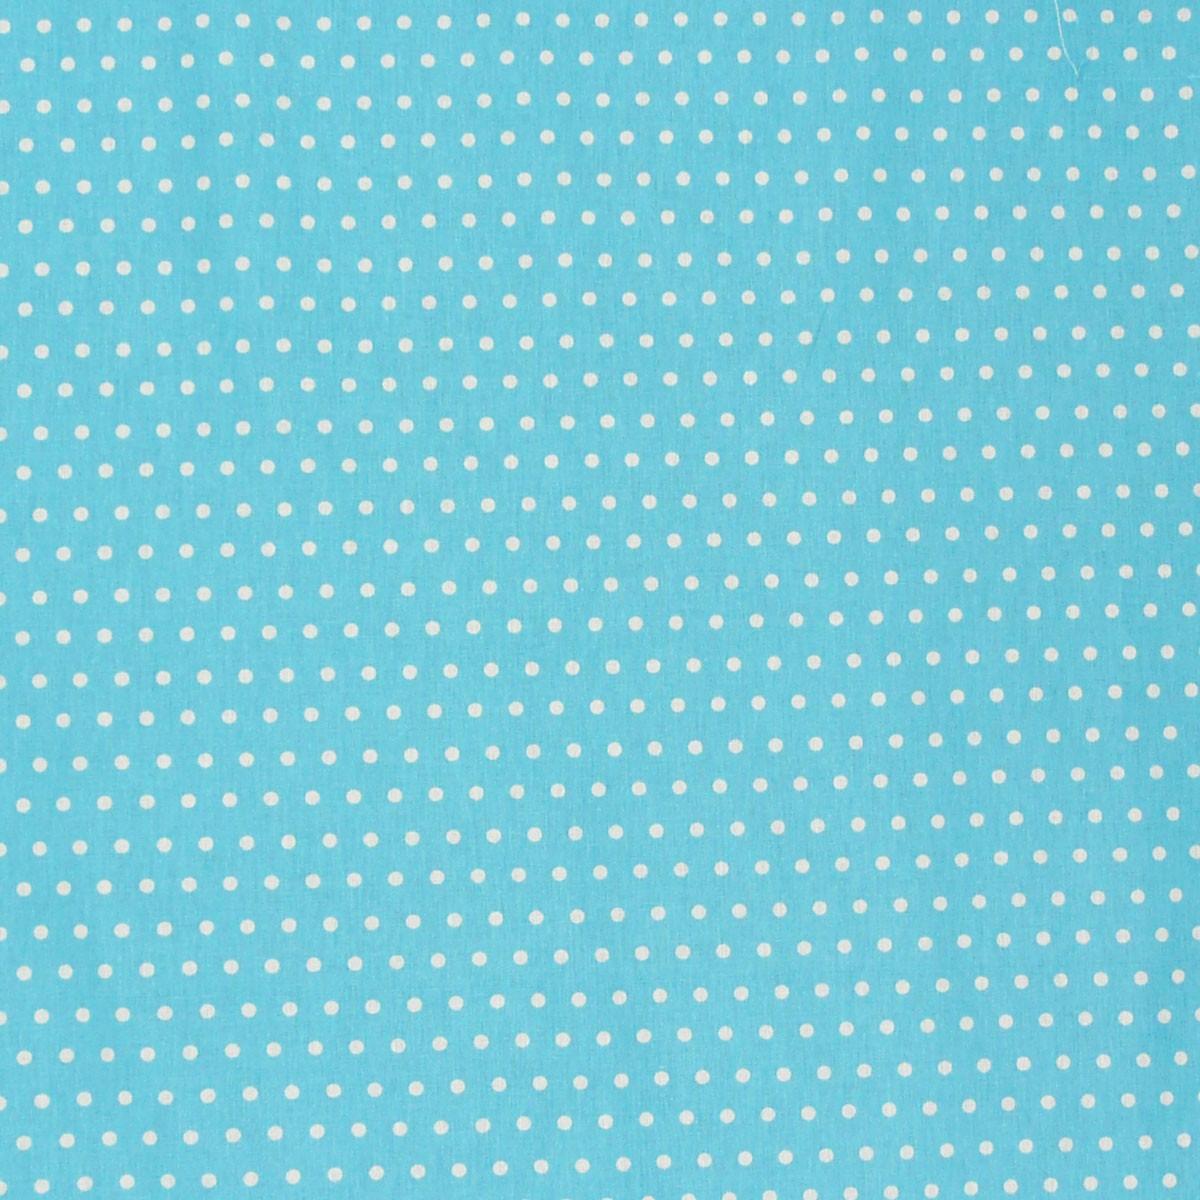 baumwollstoff blau punkte klein wei dekostoff stoffe wohnstoffe dekostoffe. Black Bedroom Furniture Sets. Home Design Ideas